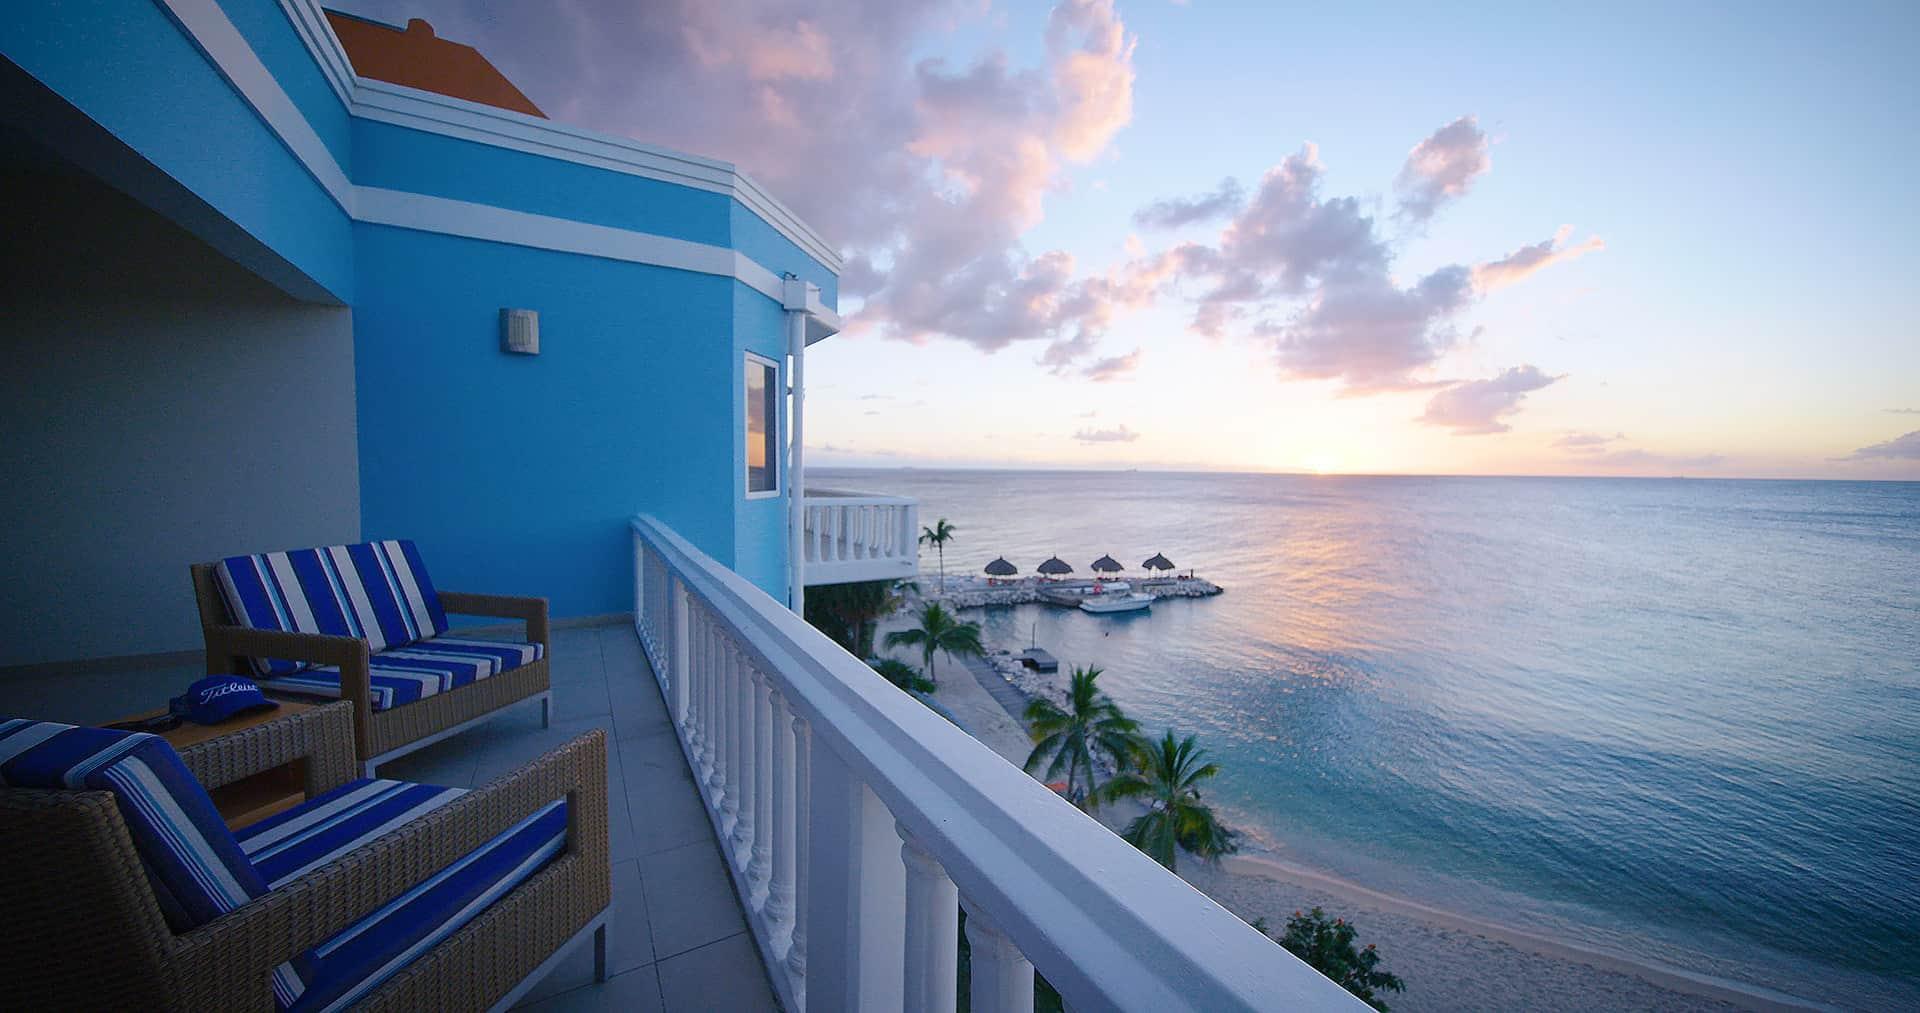 ocean balcony view